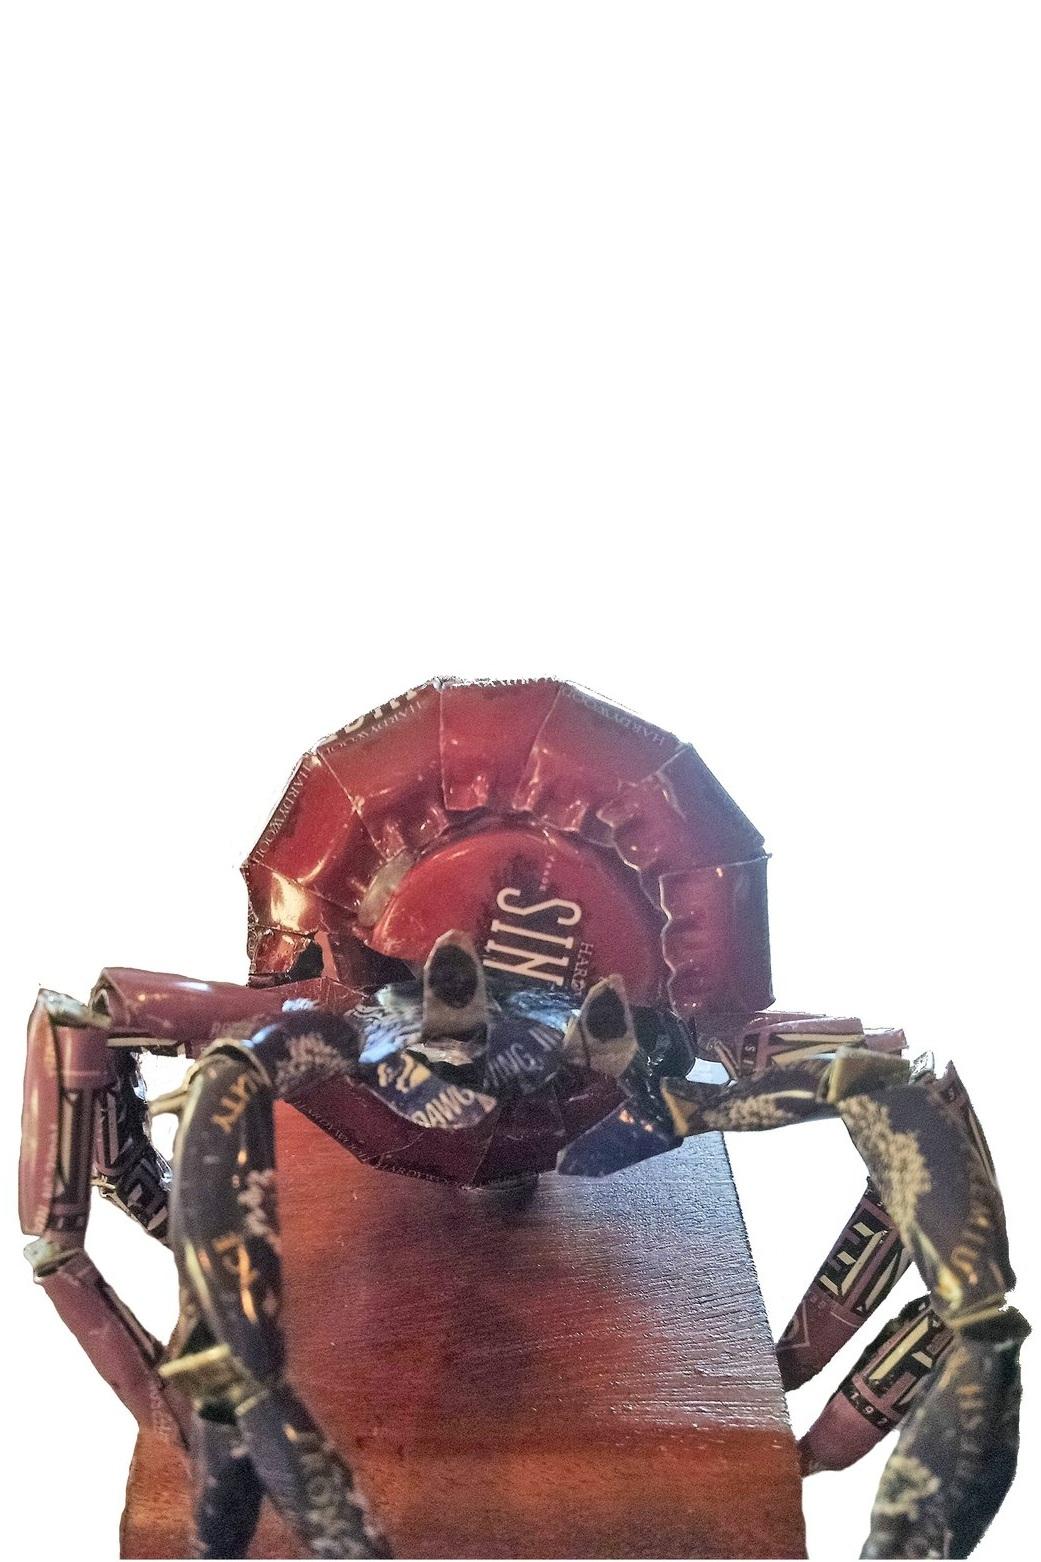 Hermit Crab front.jpg